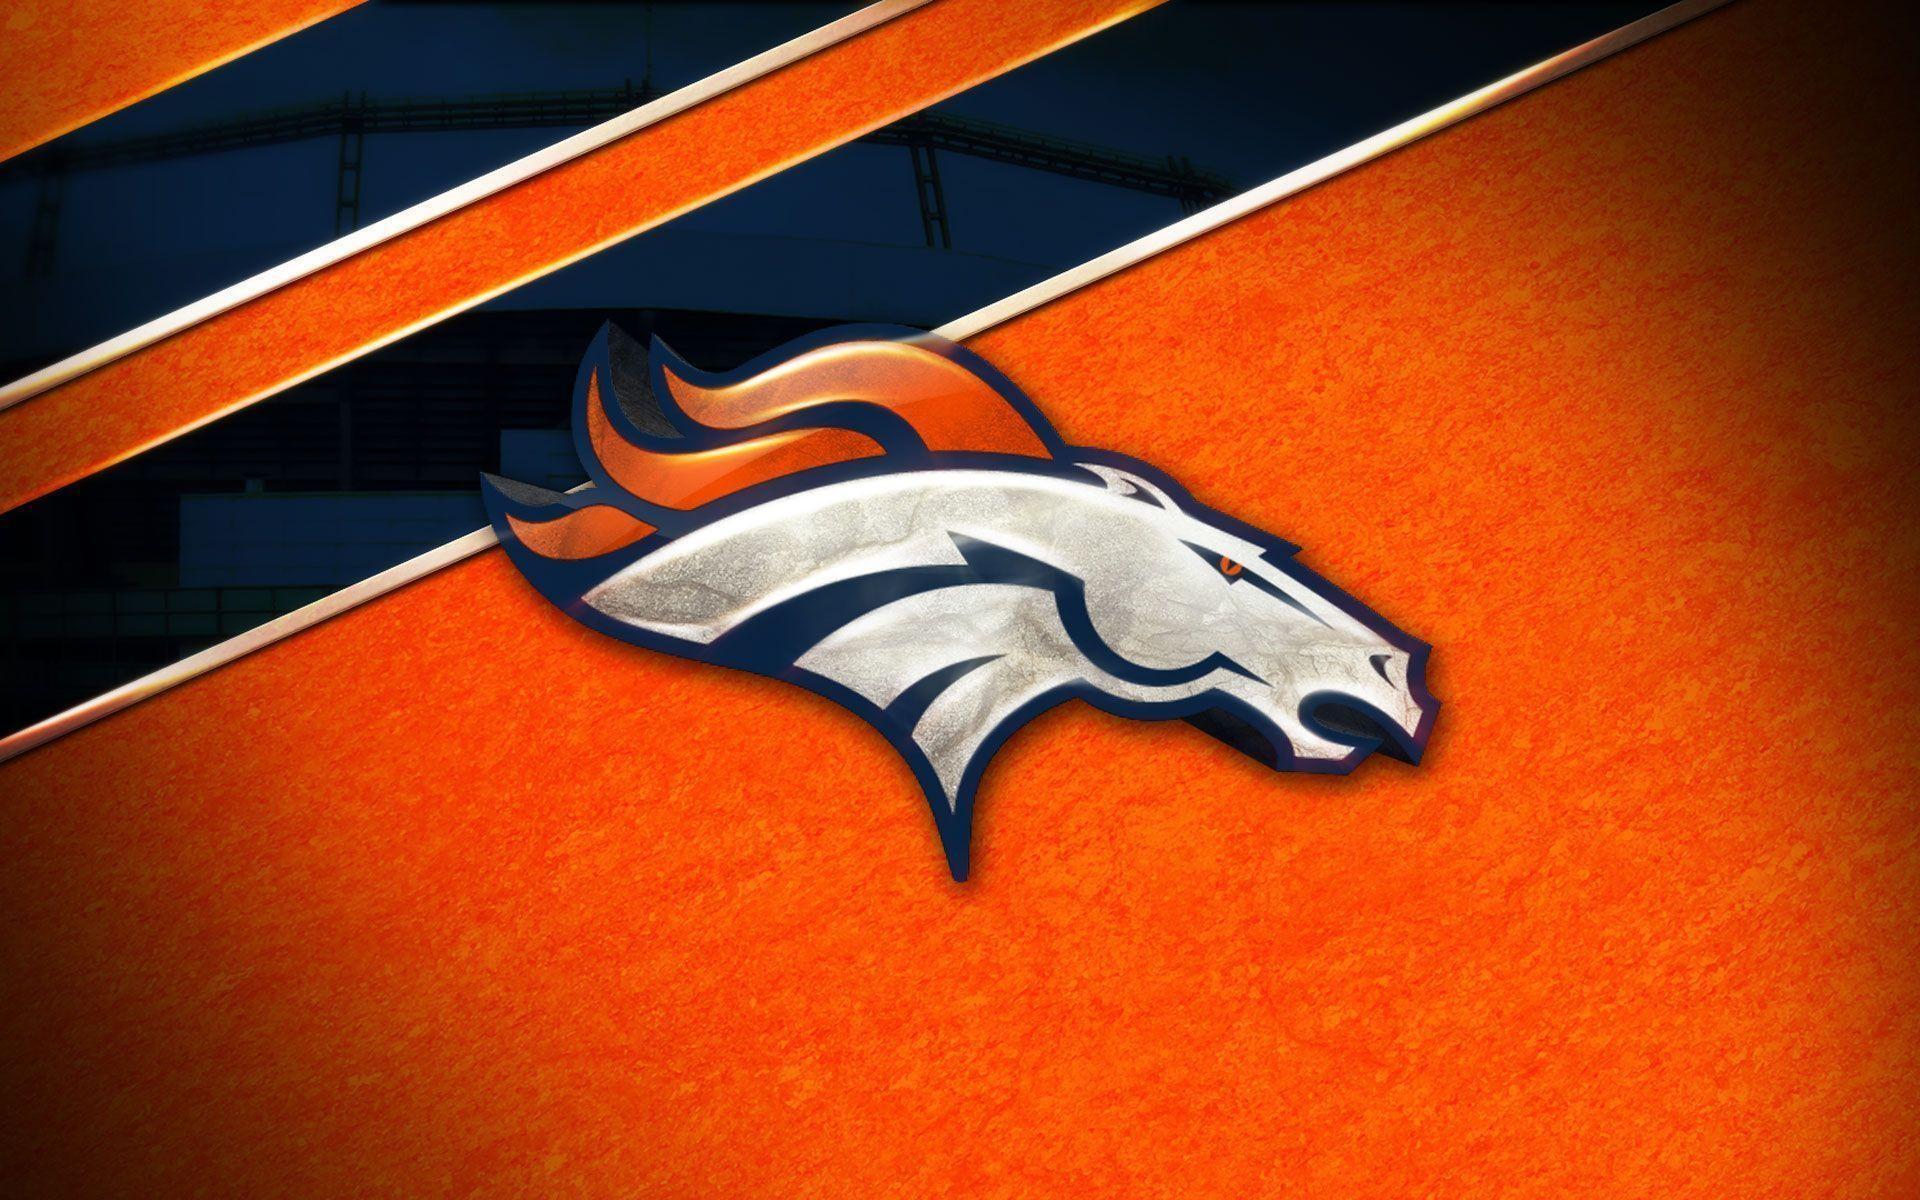 Fondos de pantalla de la NFL: Denver Broncos wallpaper   Fondos de .